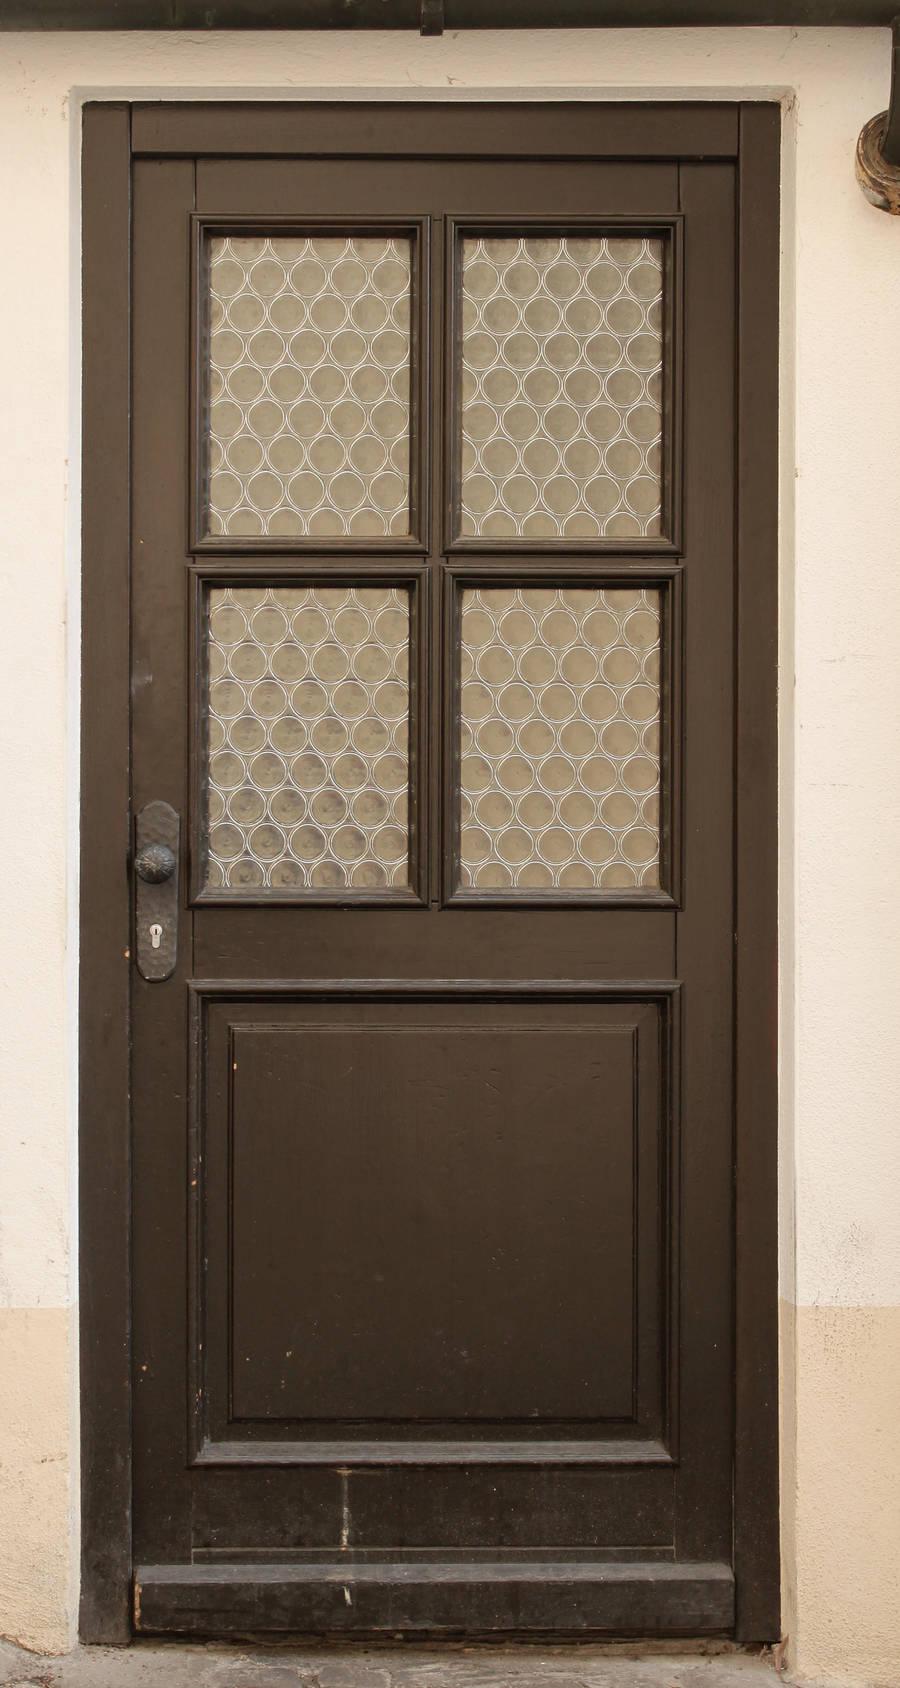 Door Texture - 33 by AGF81